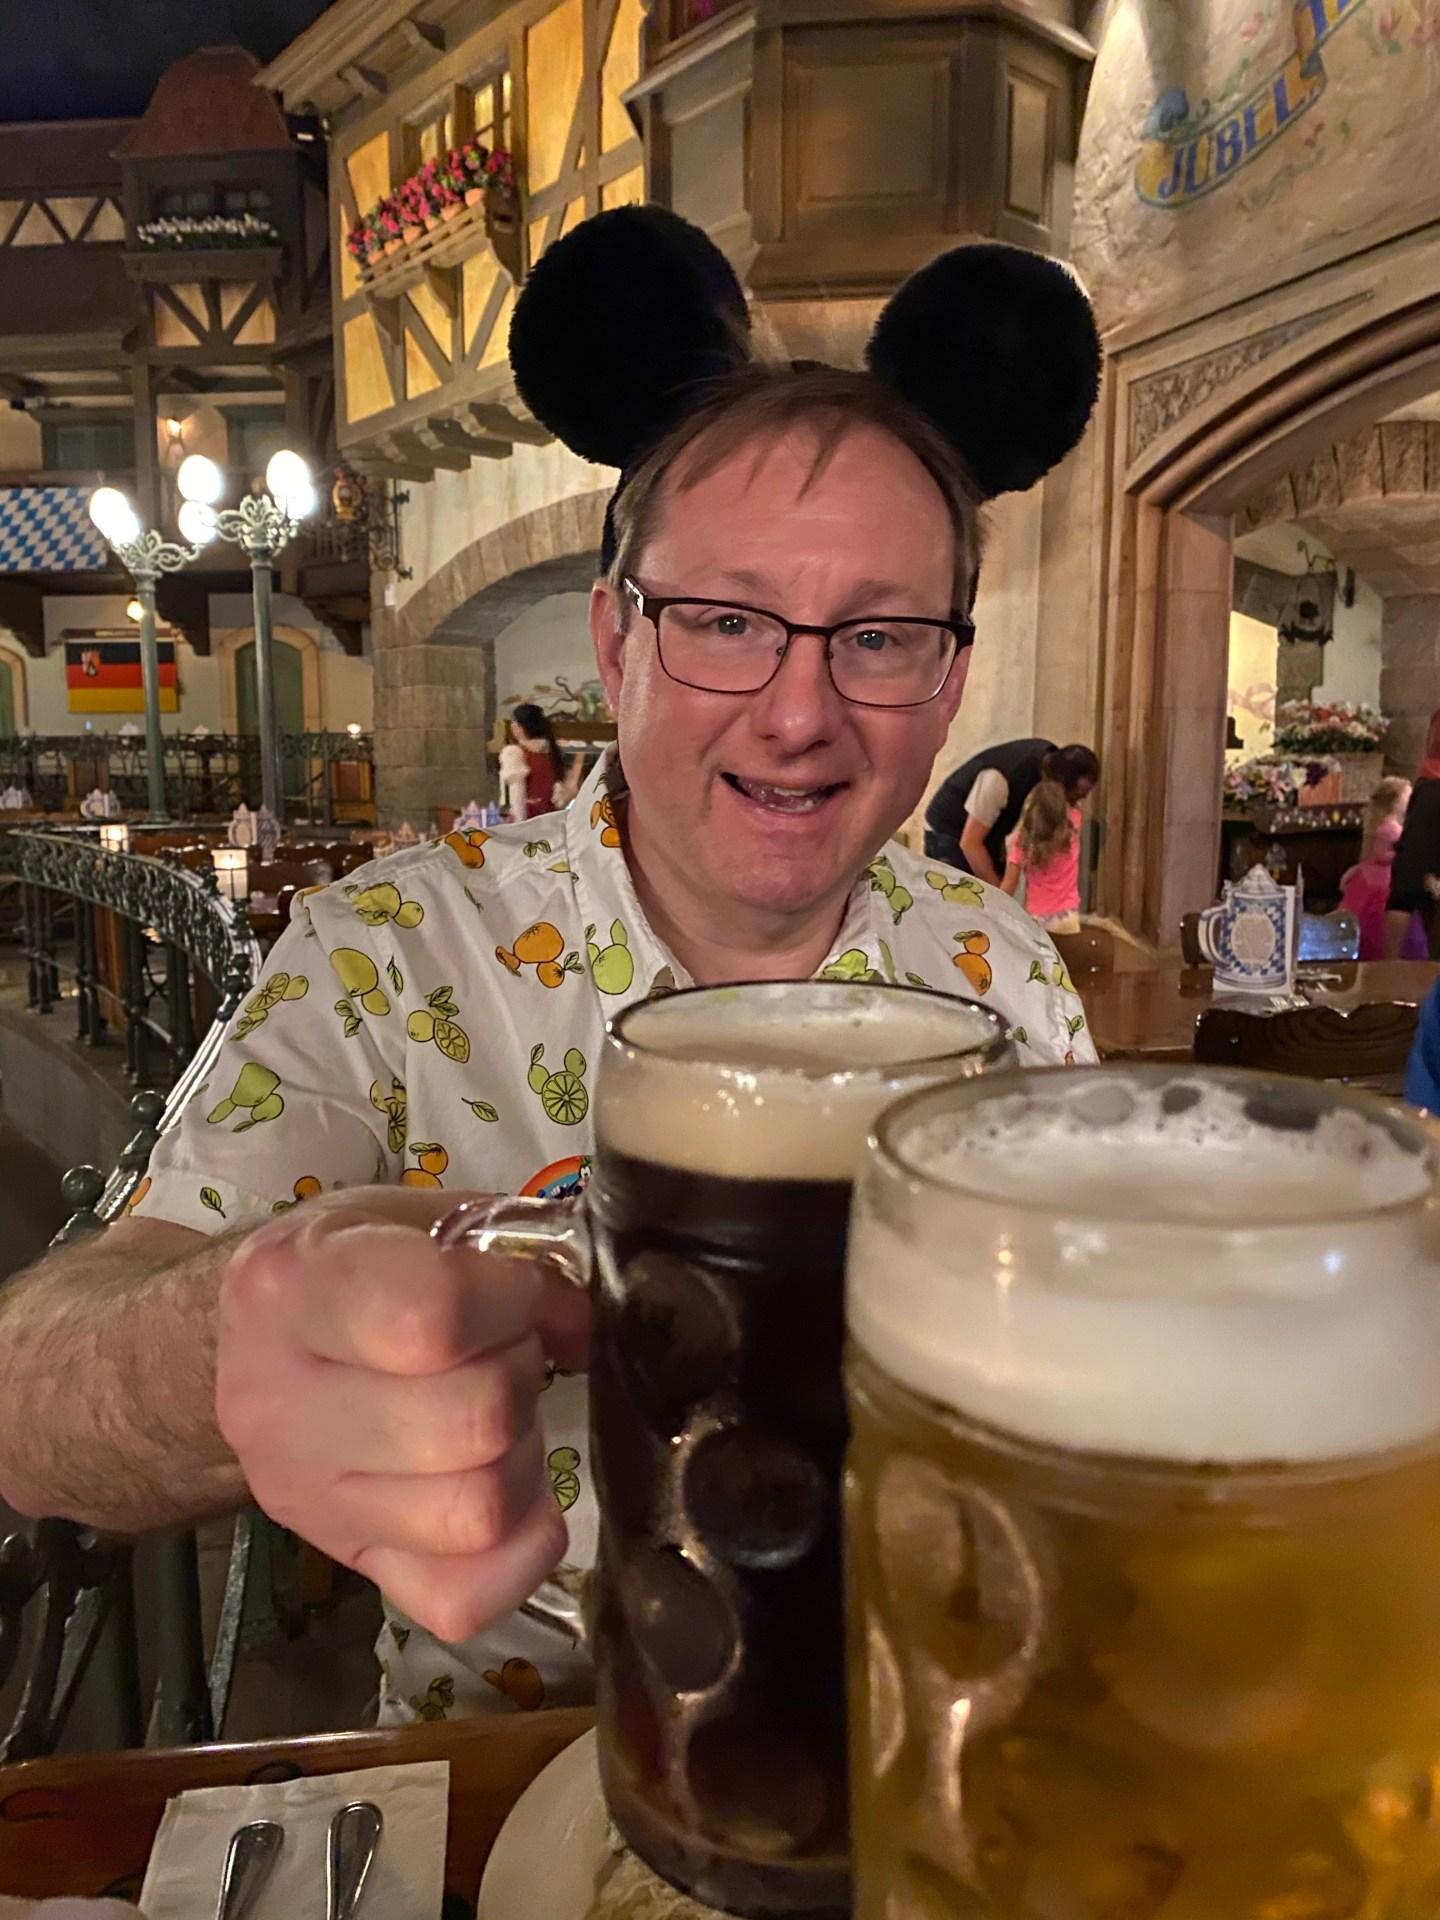 Disney World: Epcot / Biergarten Restaurant